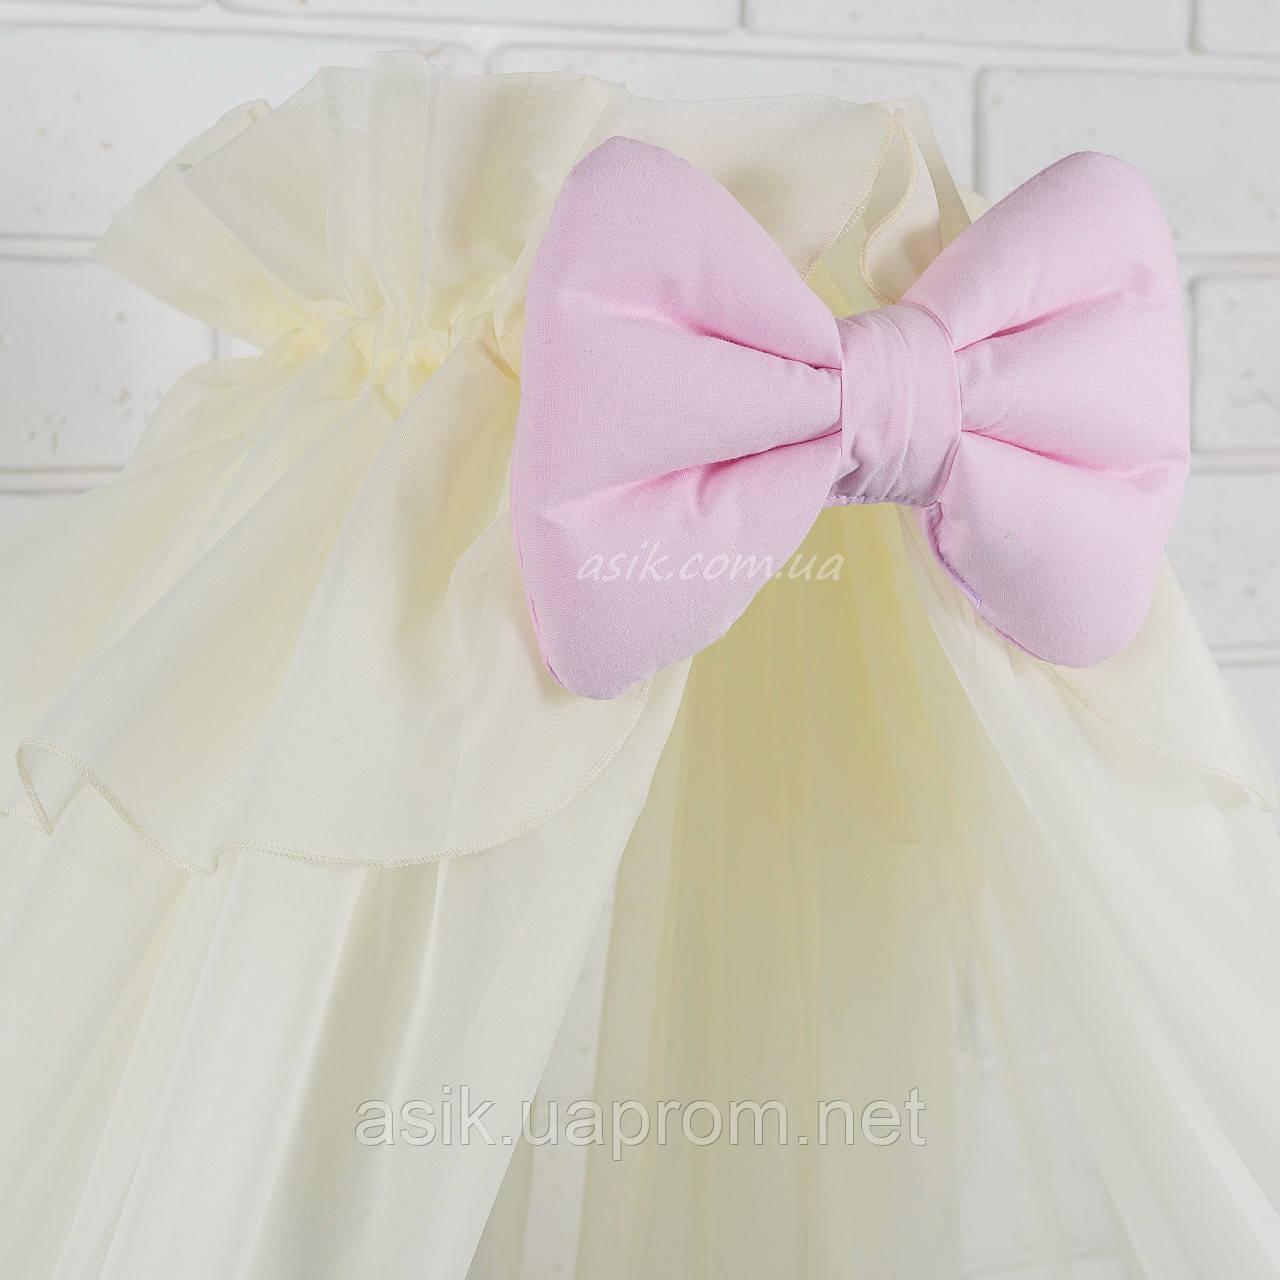 Балдахин кремового цвета с розовым бантом для детской кроватки